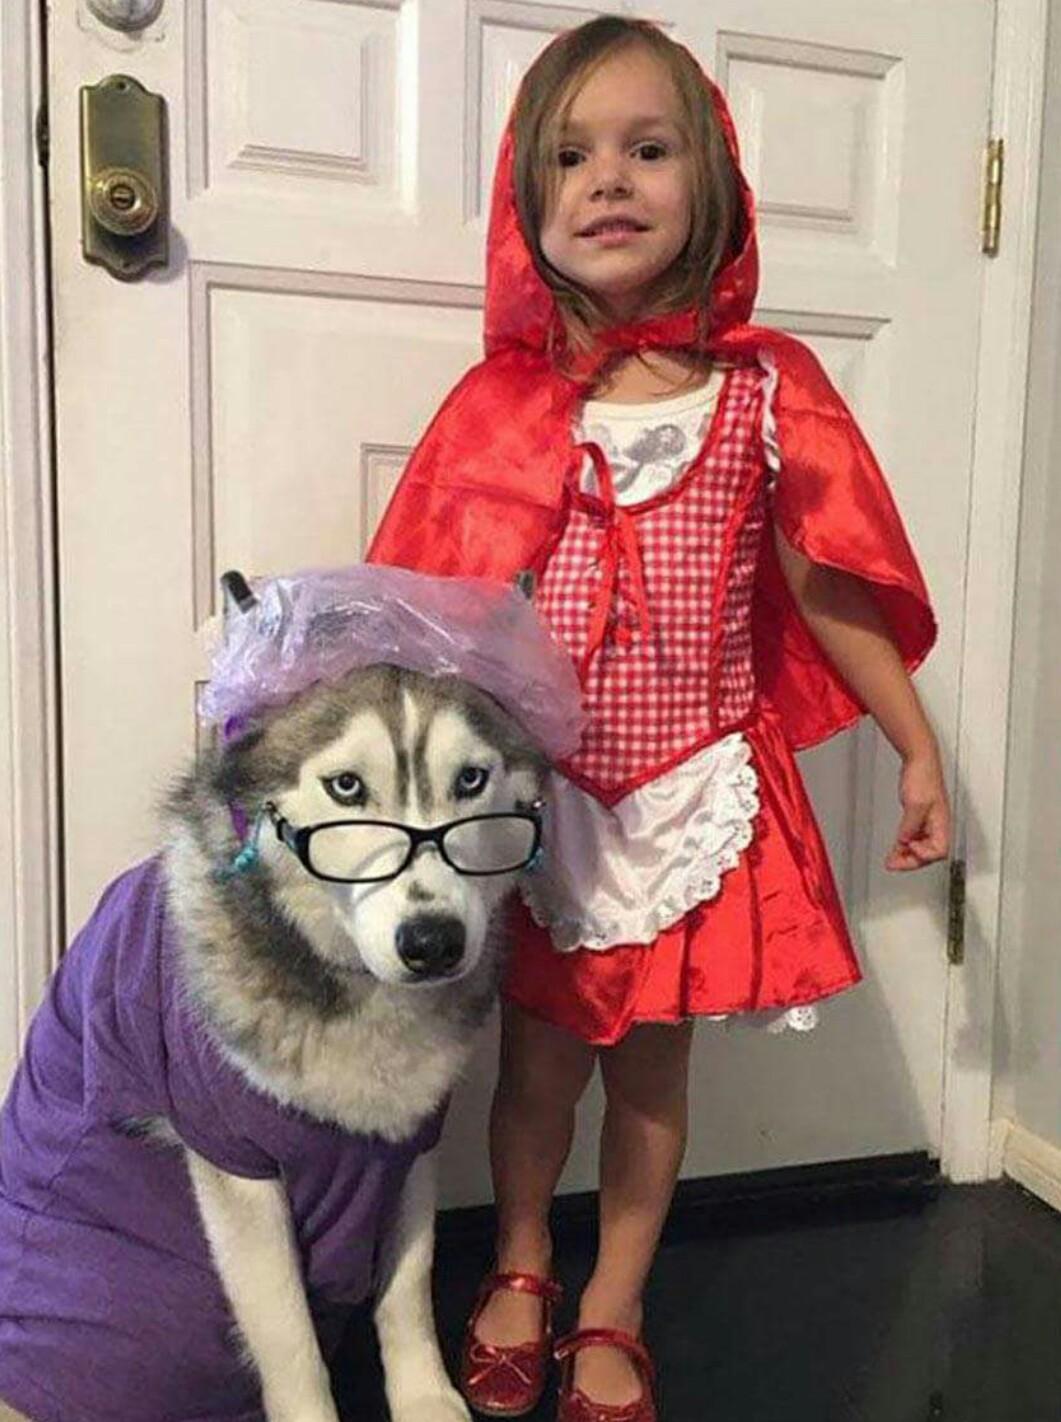 12 Idees De Deguisements D Halloween Vraiment Originaux Koifaire